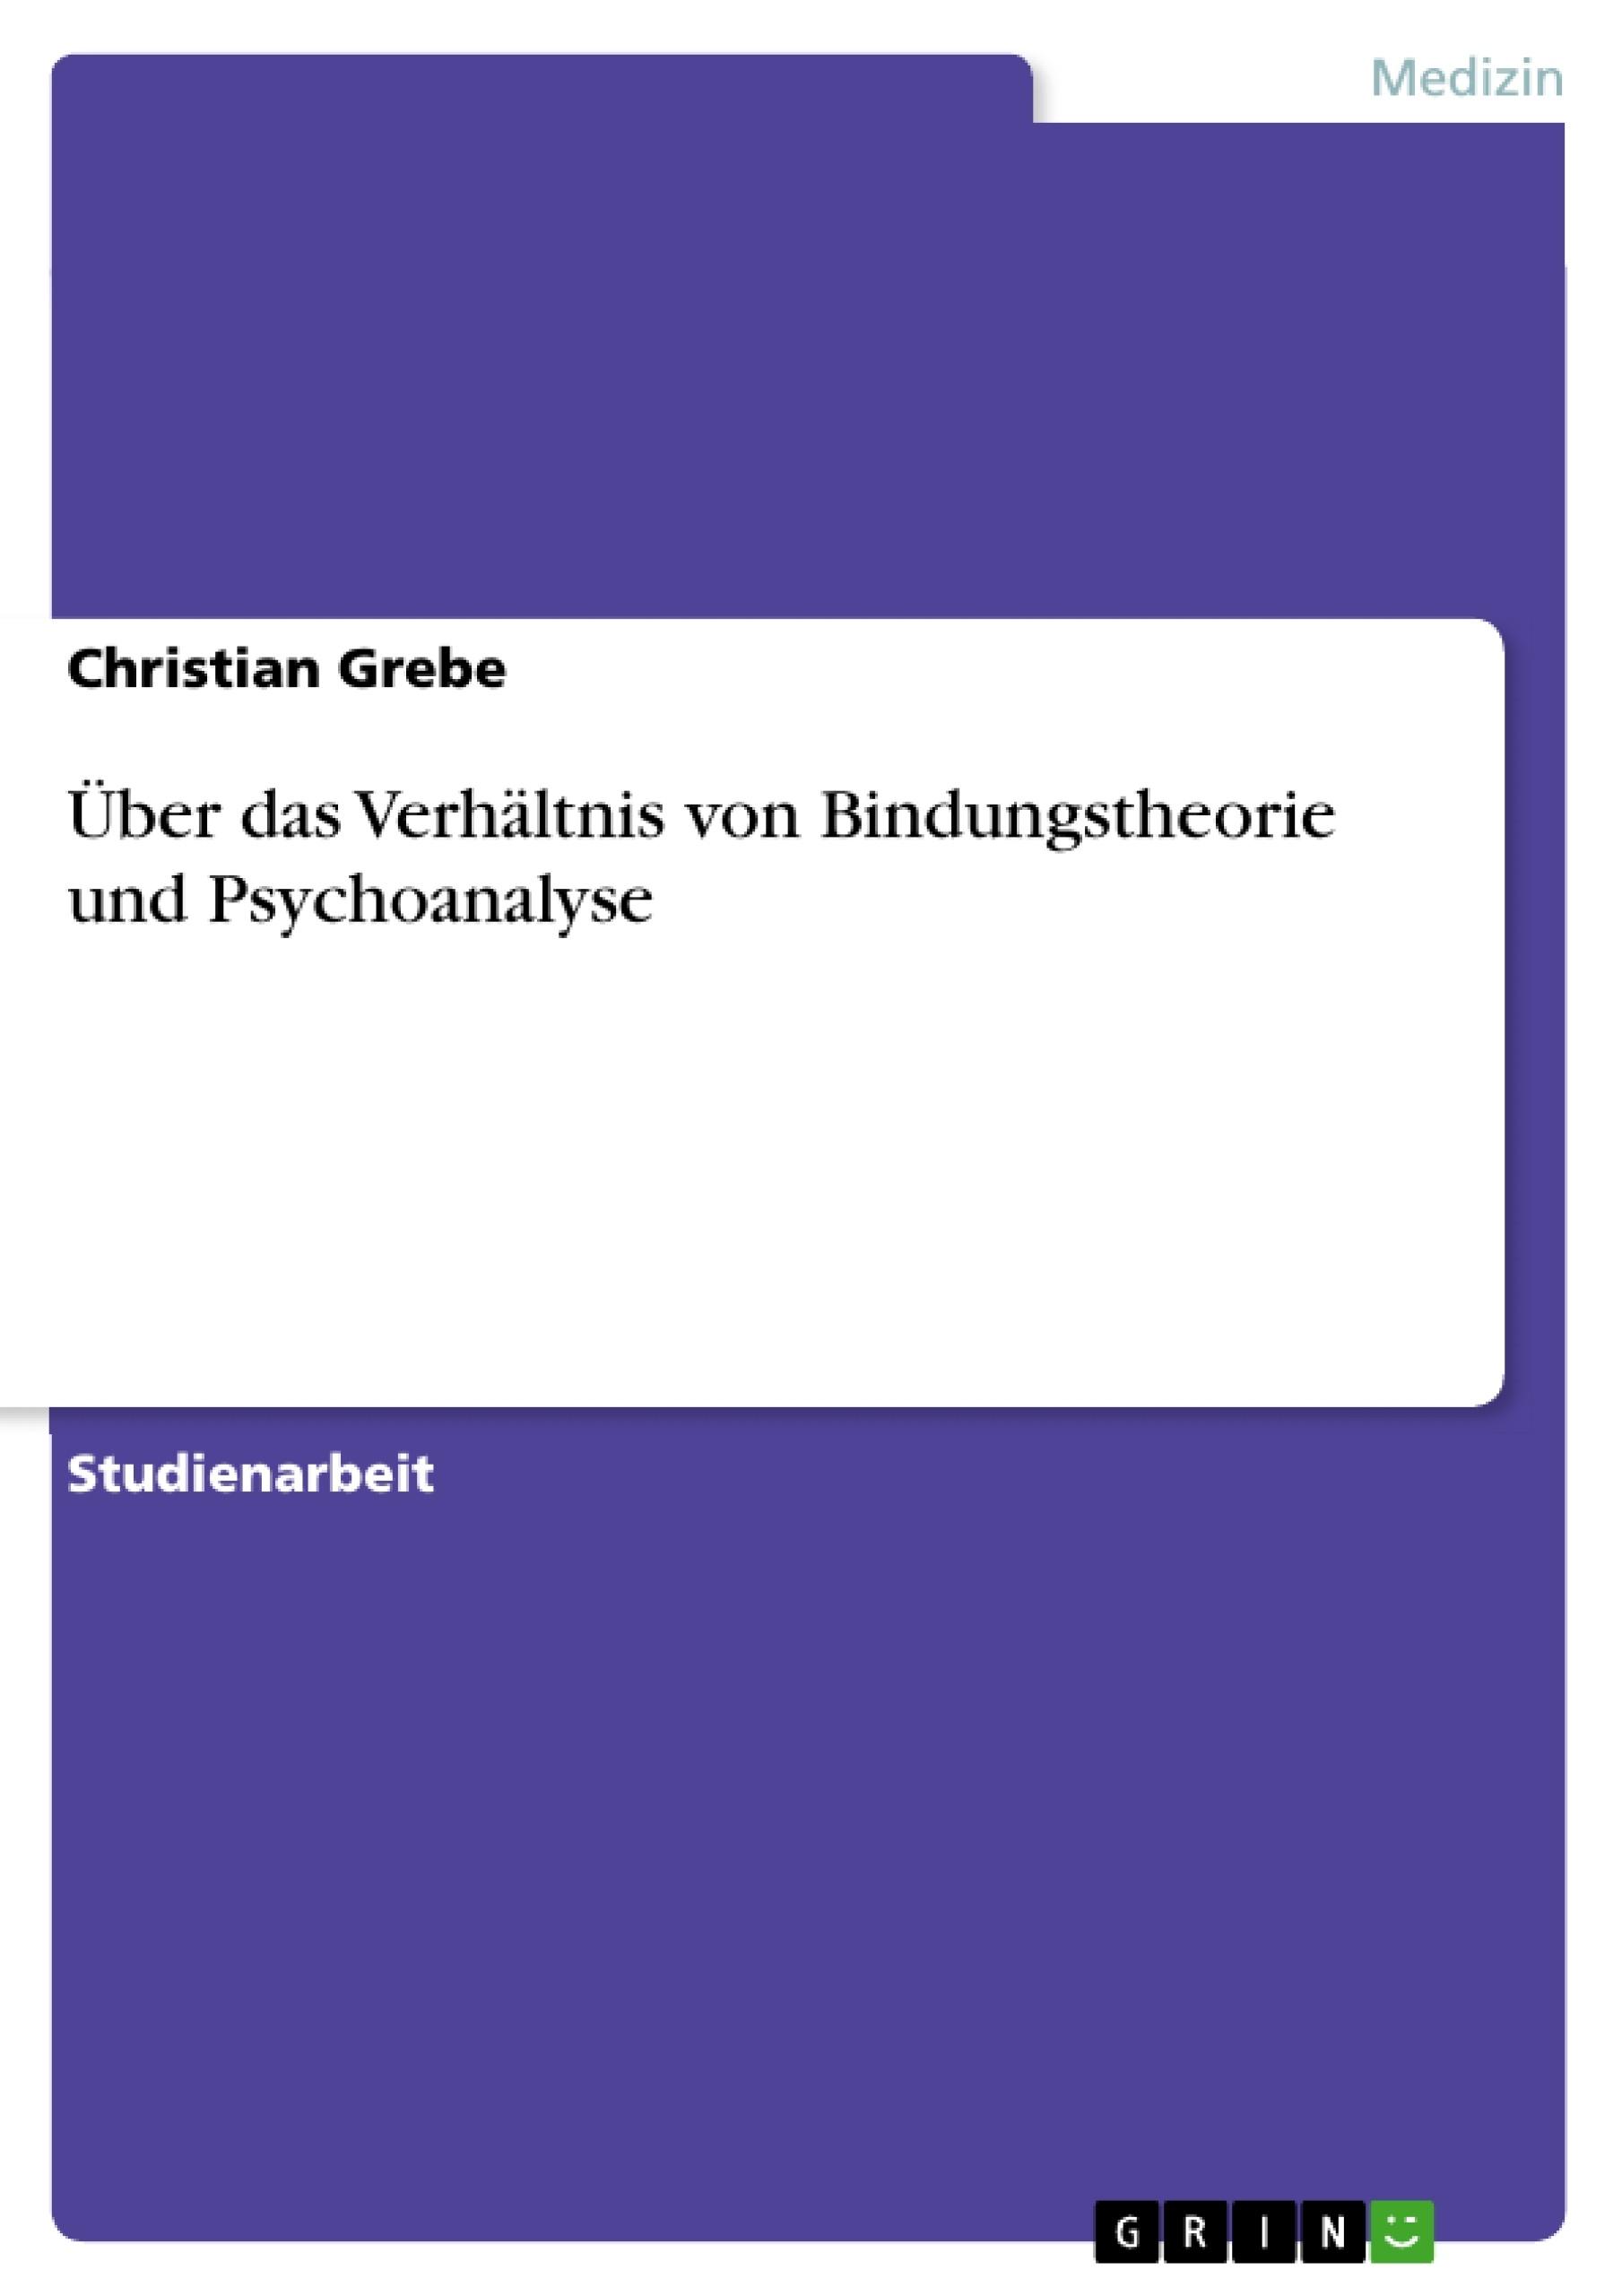 Titel: Über das Verhältnis von Bindungstheorie und Psychoanalyse